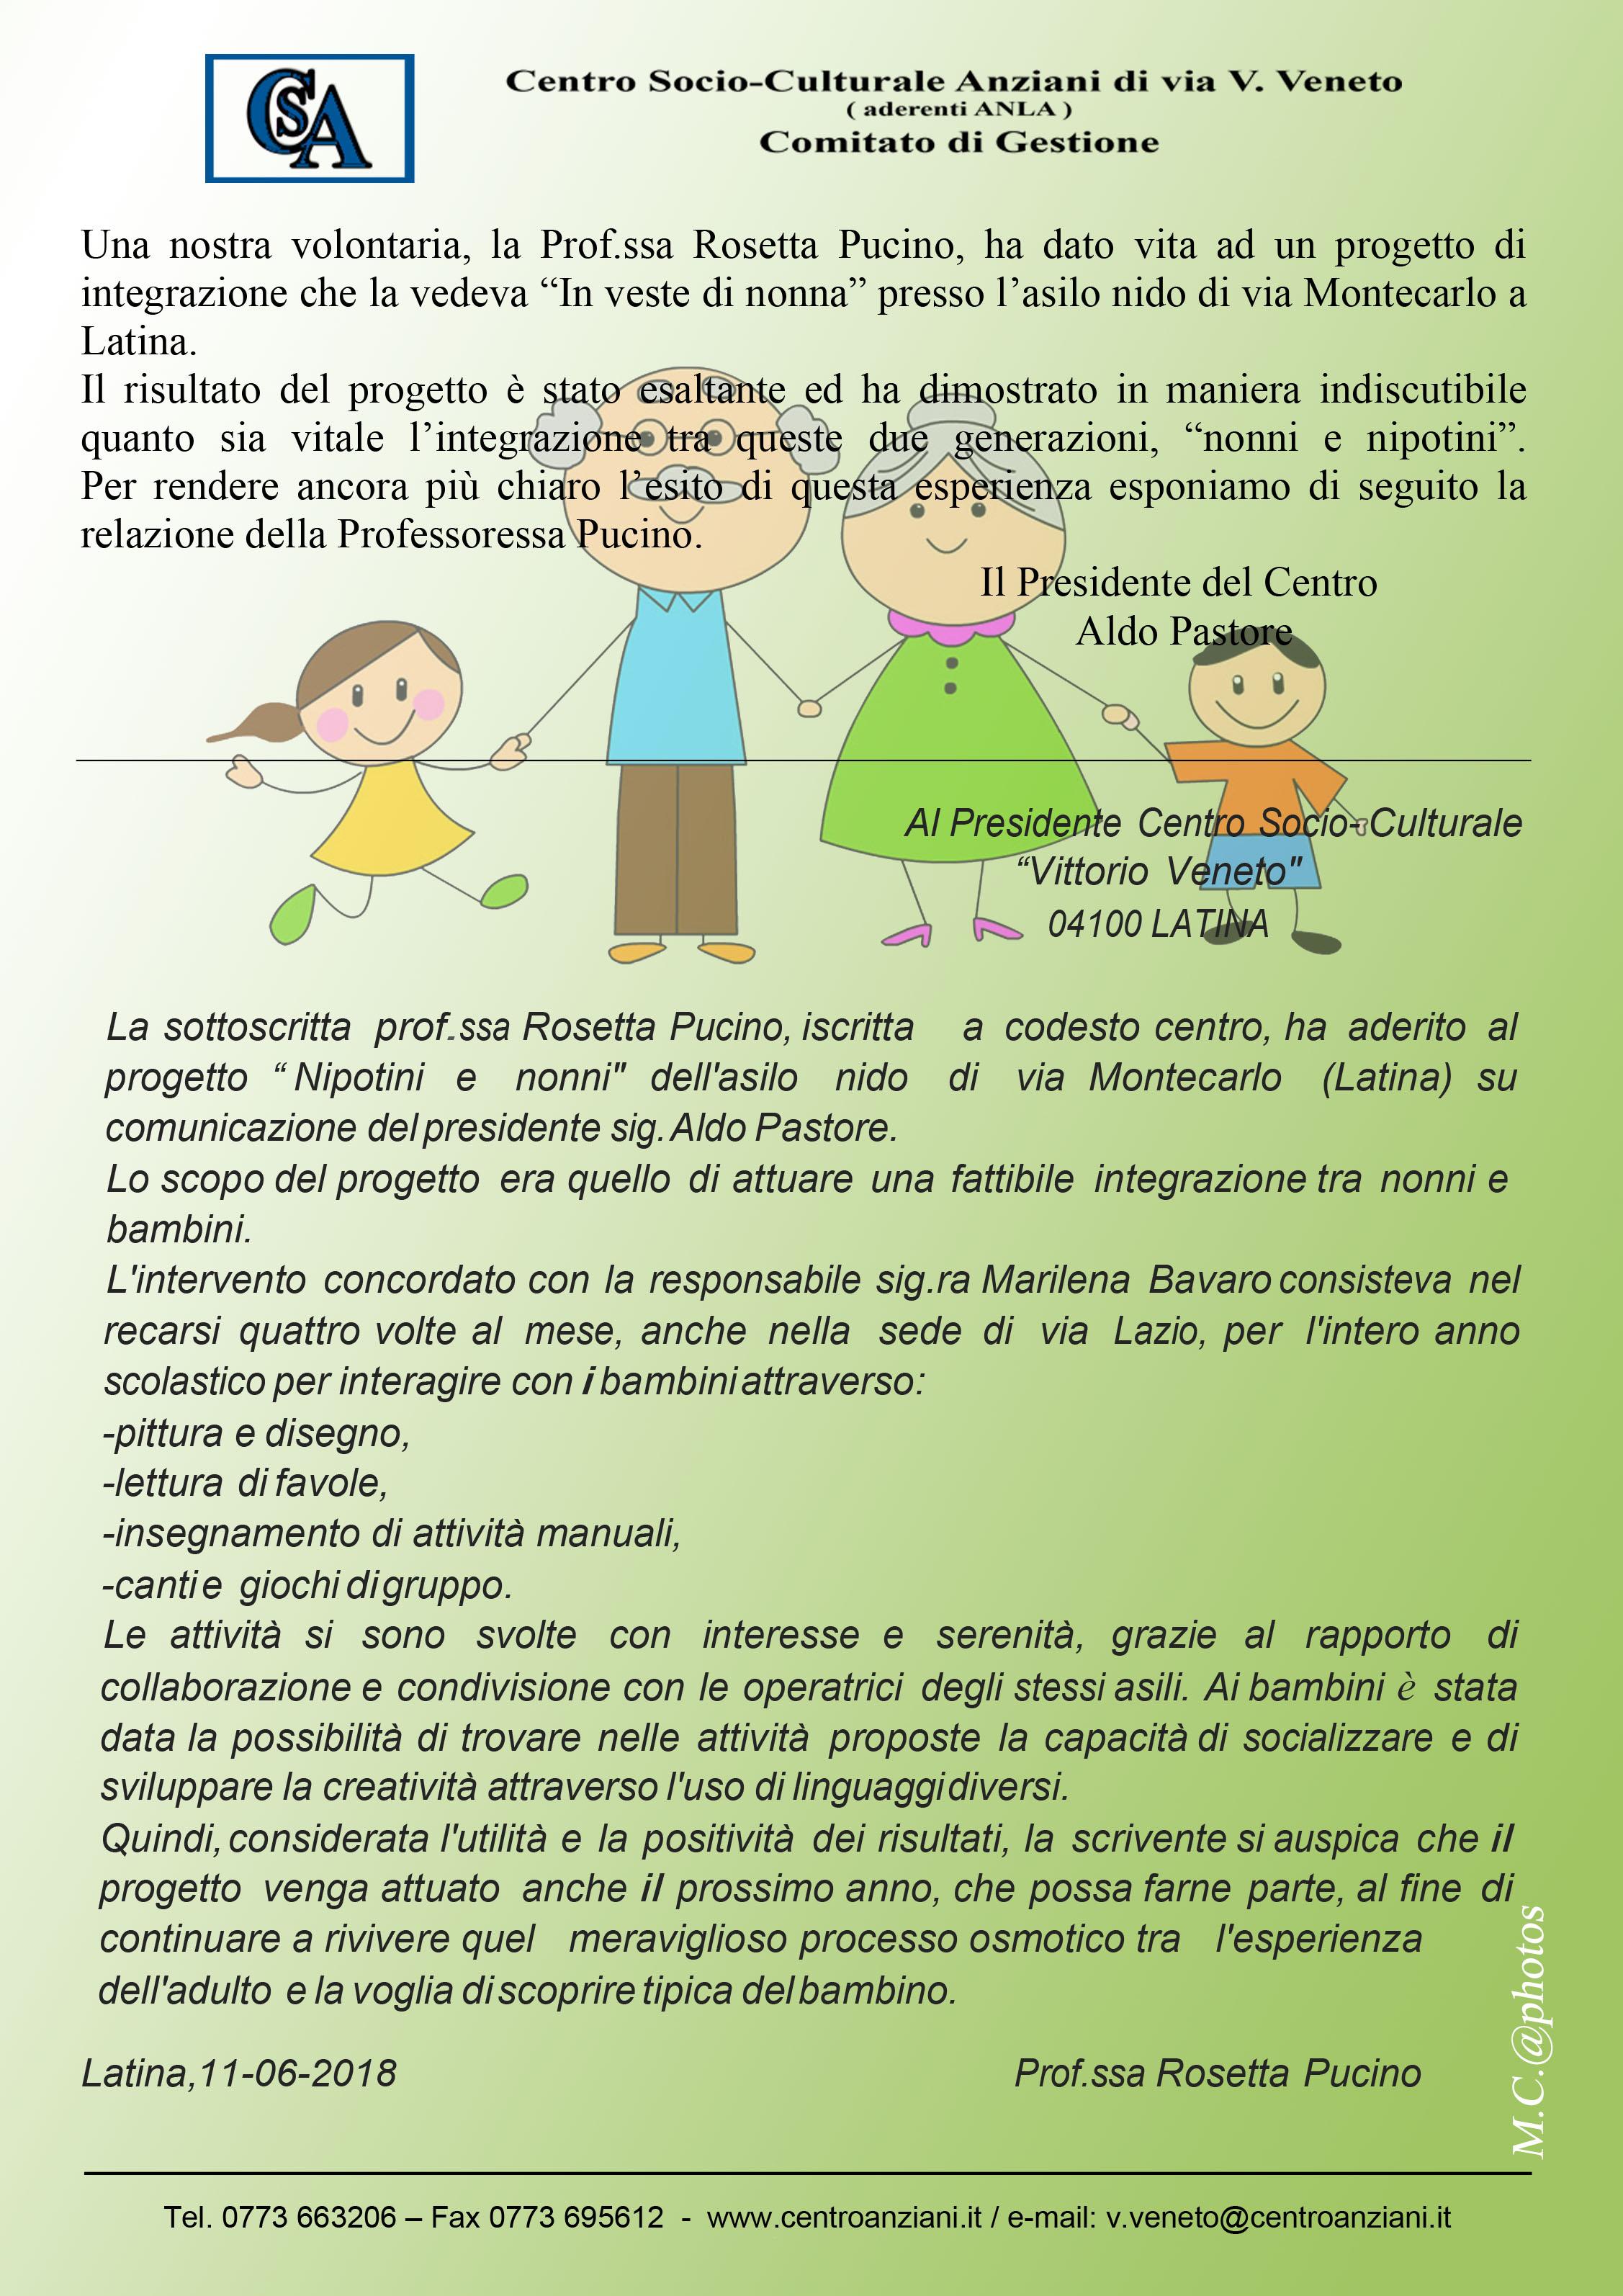 Microsoft Word - Lettera Pulcino.docx